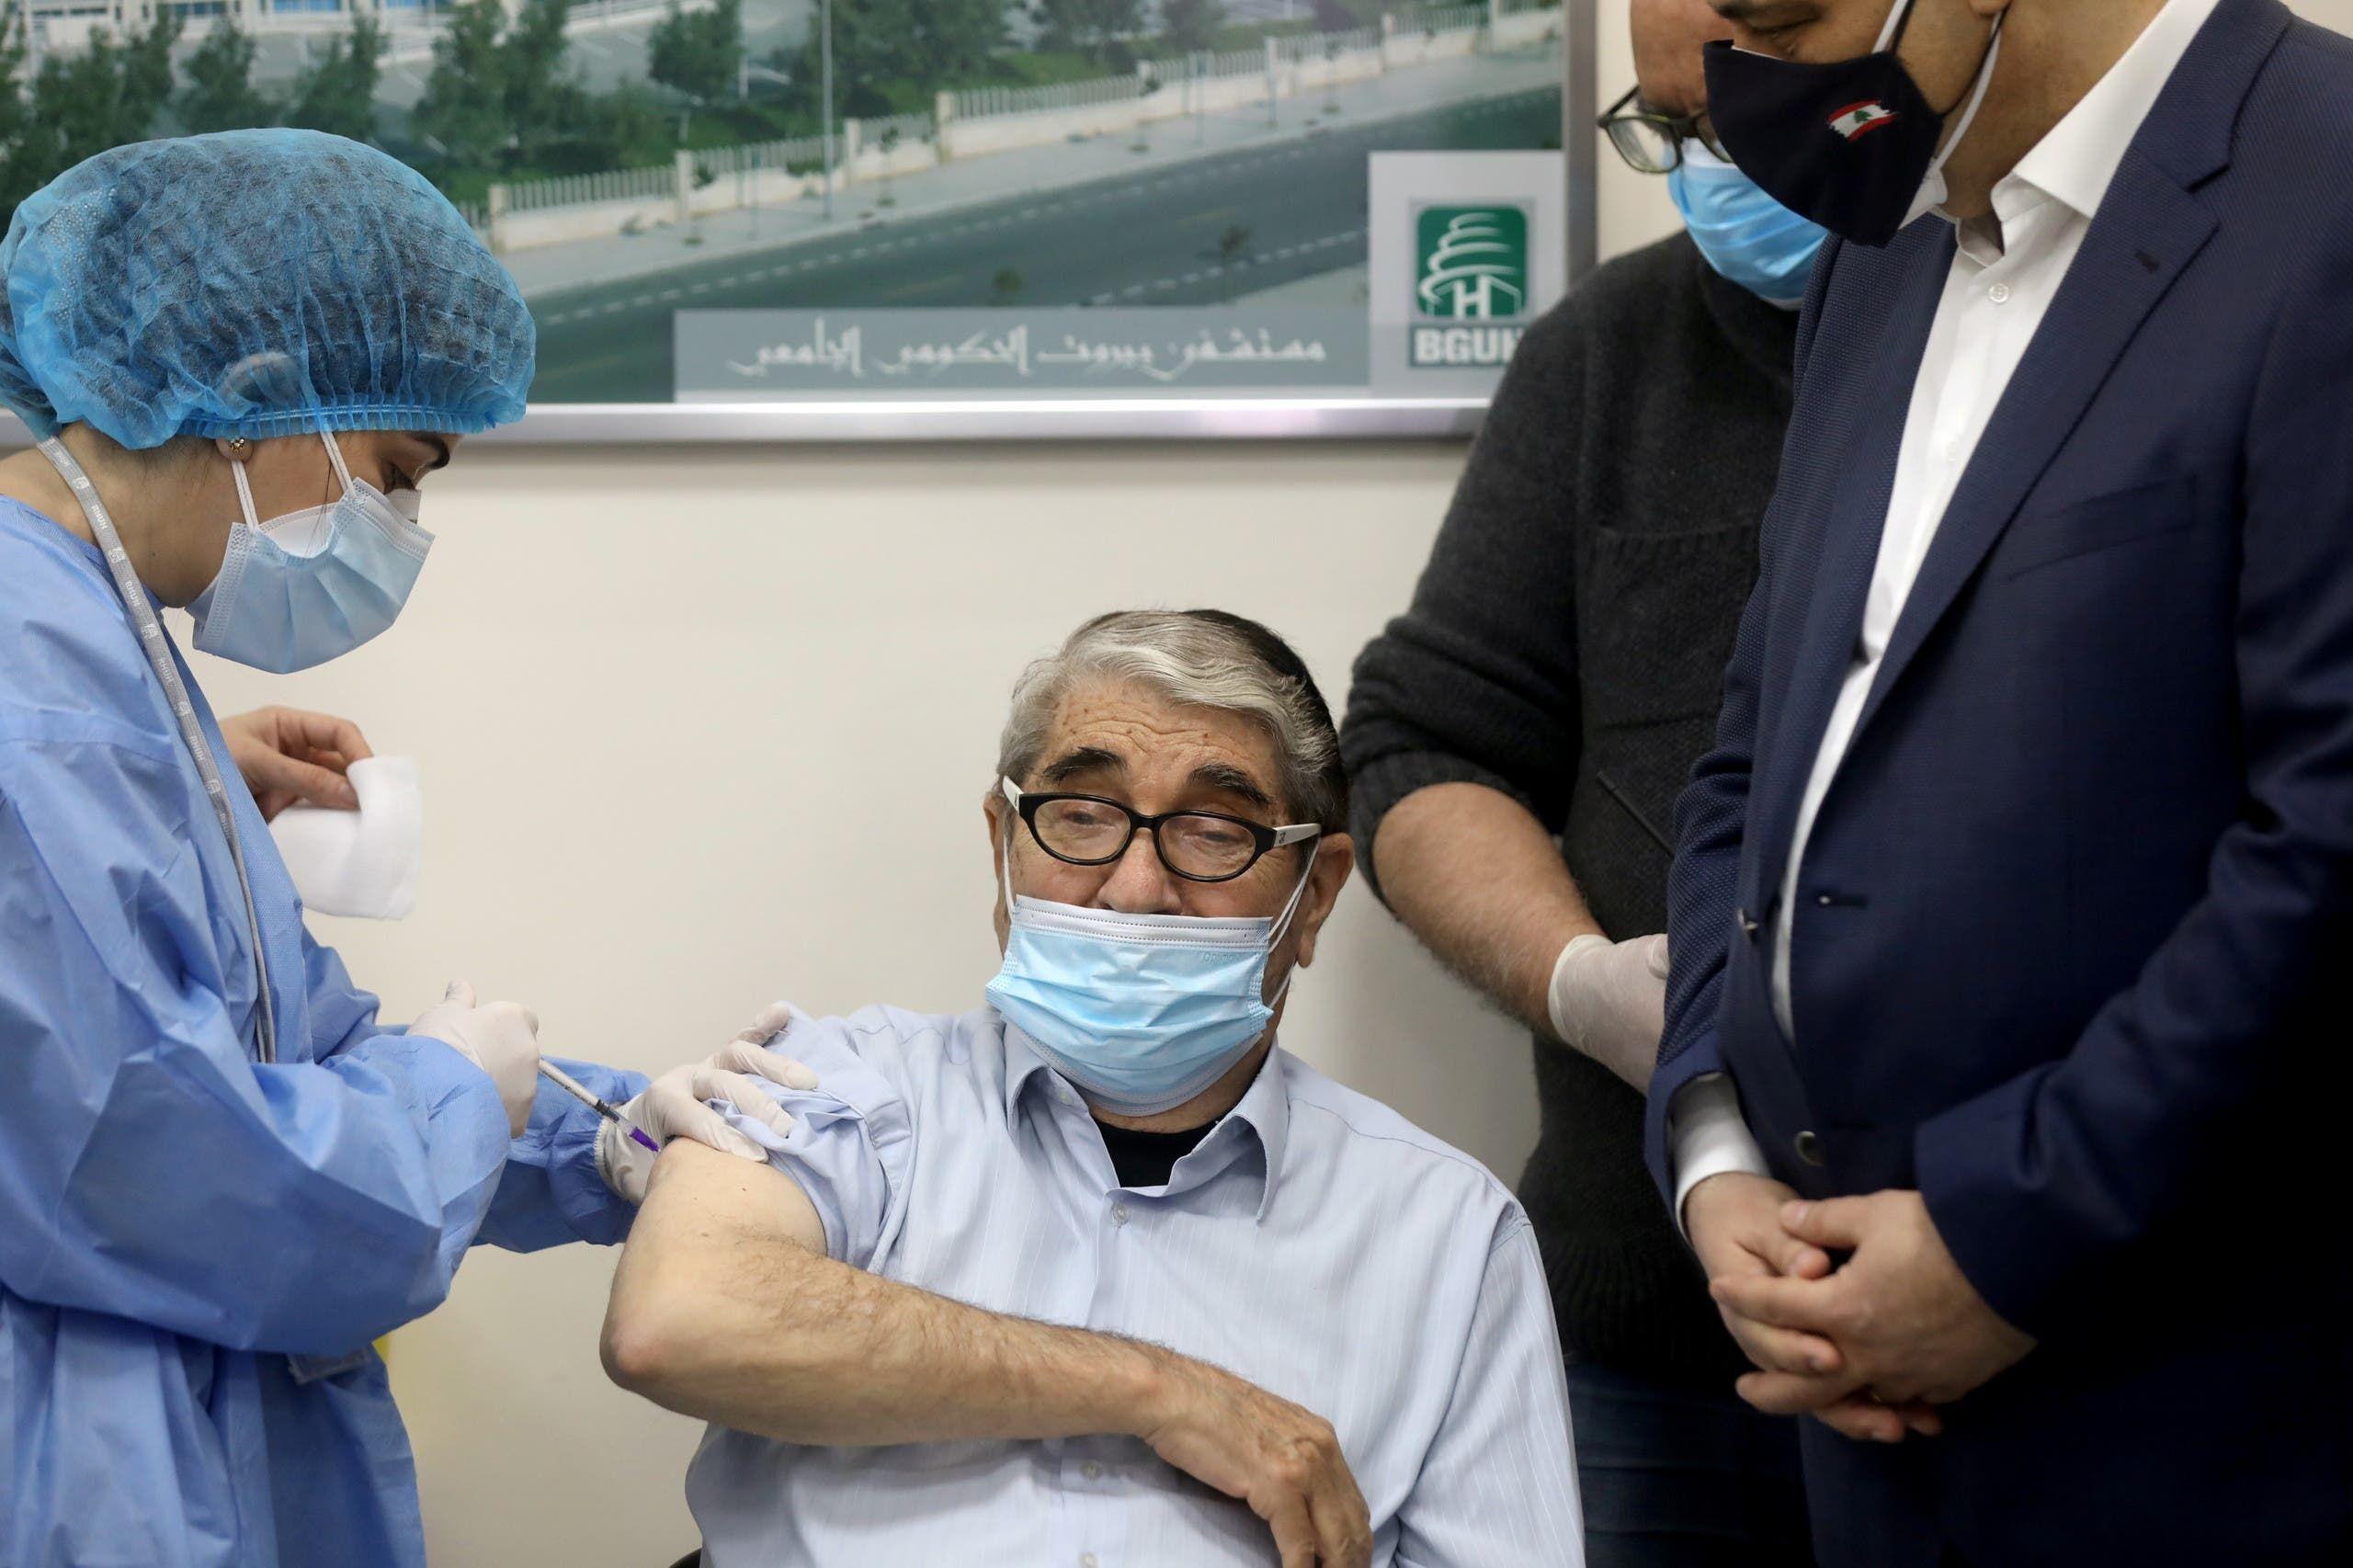 من حملة التطعيم ضد كورونا في لبنان